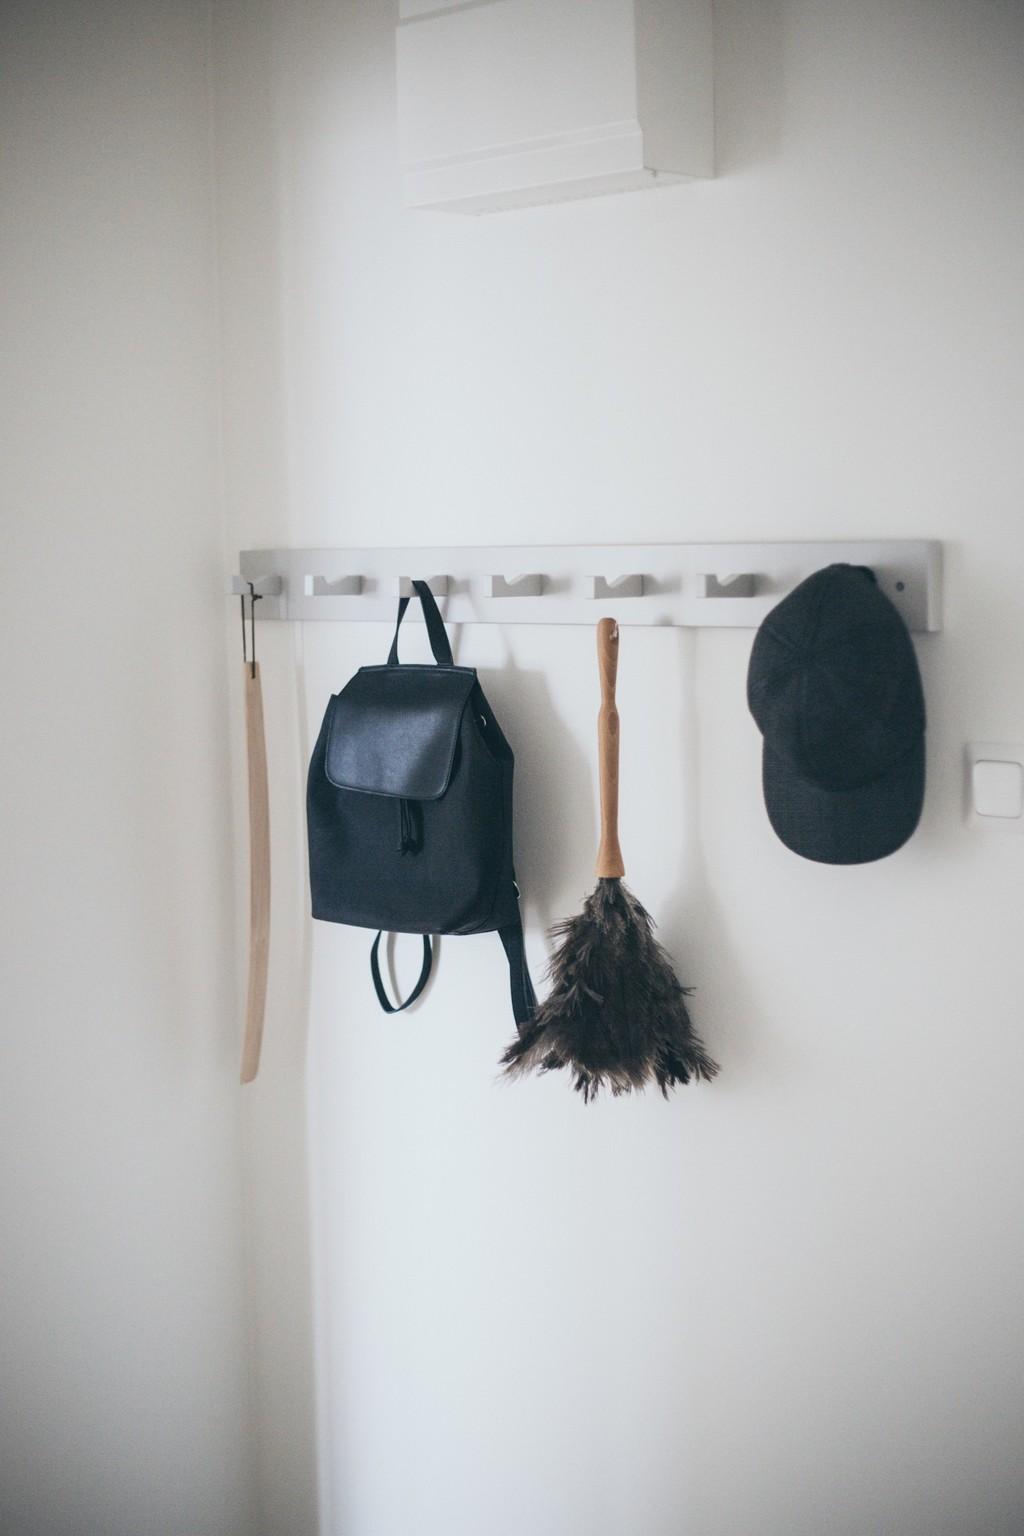 vit kroklist med skohorn, ryggsäck och keps